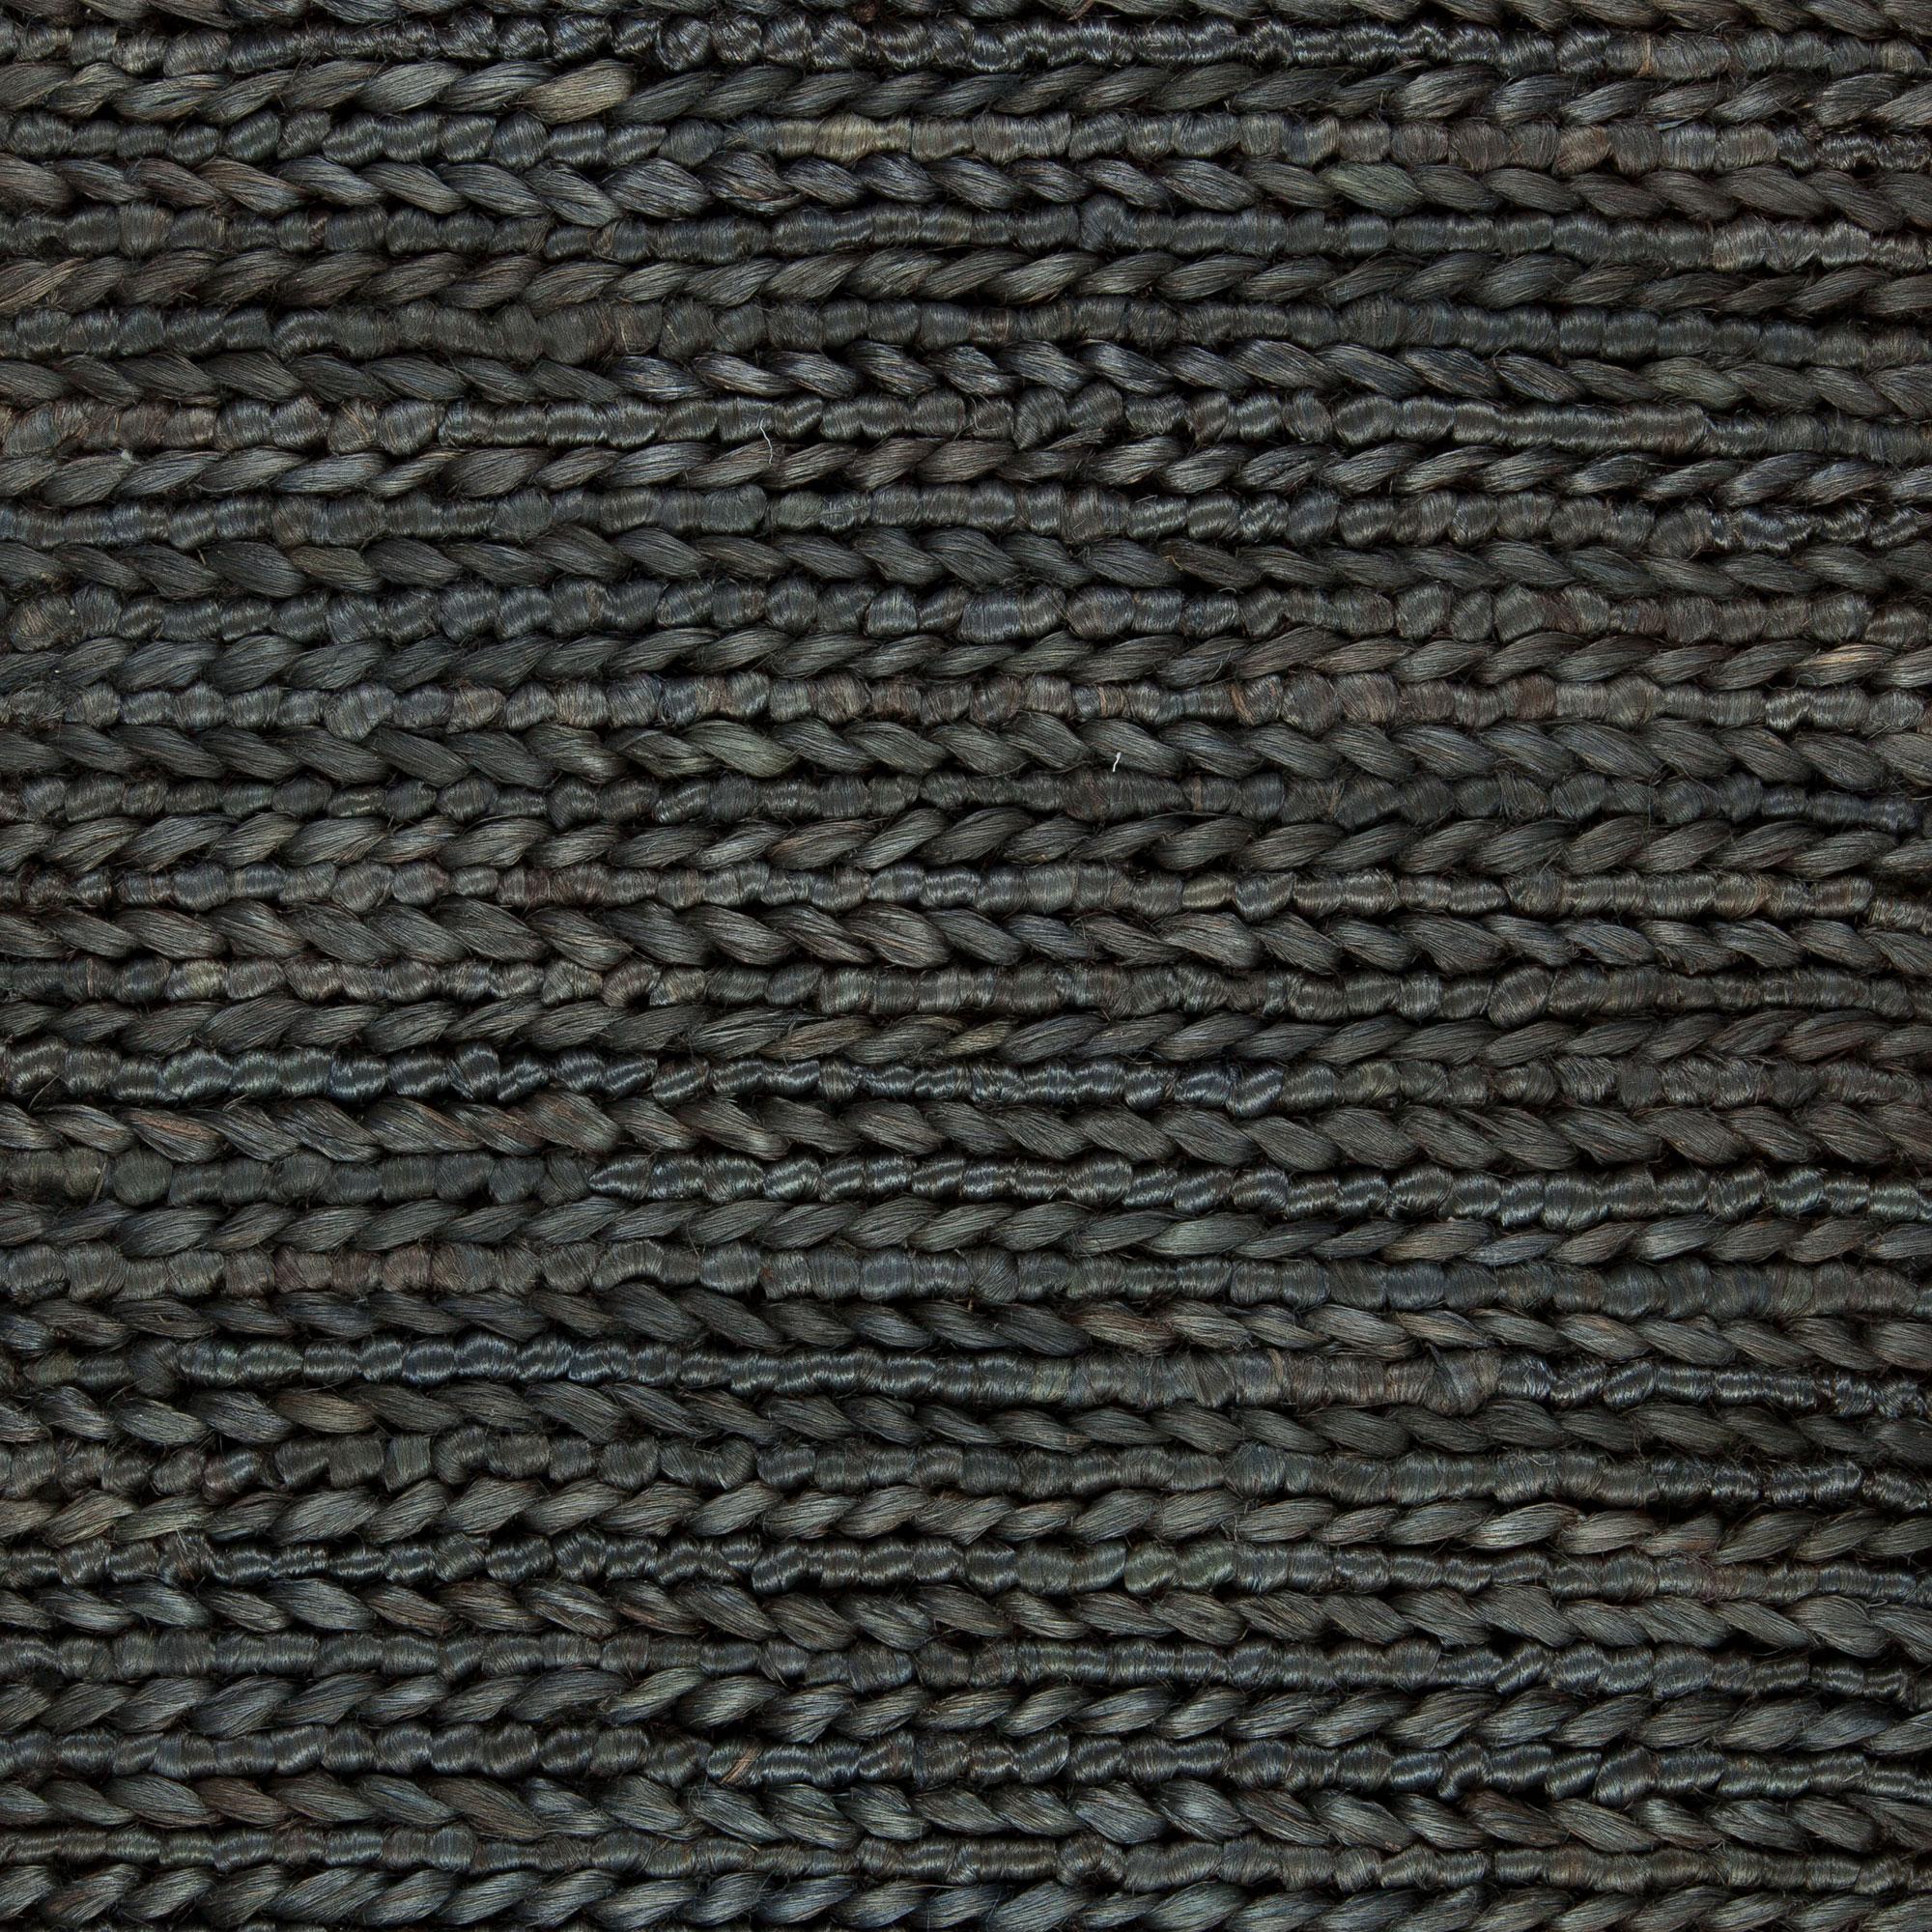 Choti Braid S10222 S10222